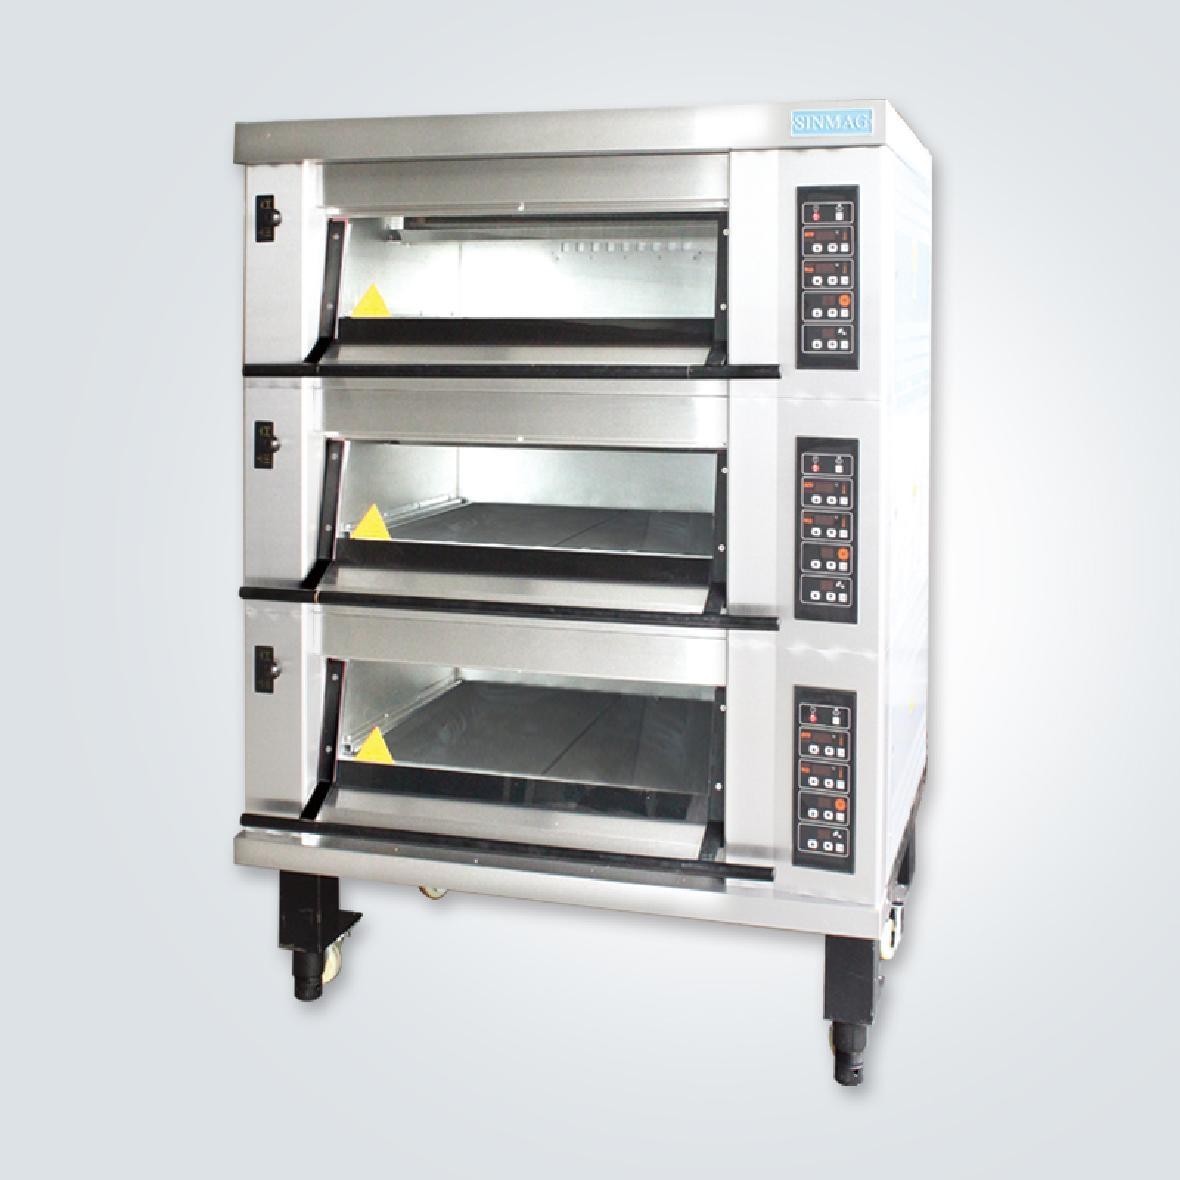 煤氣爐 MB-823